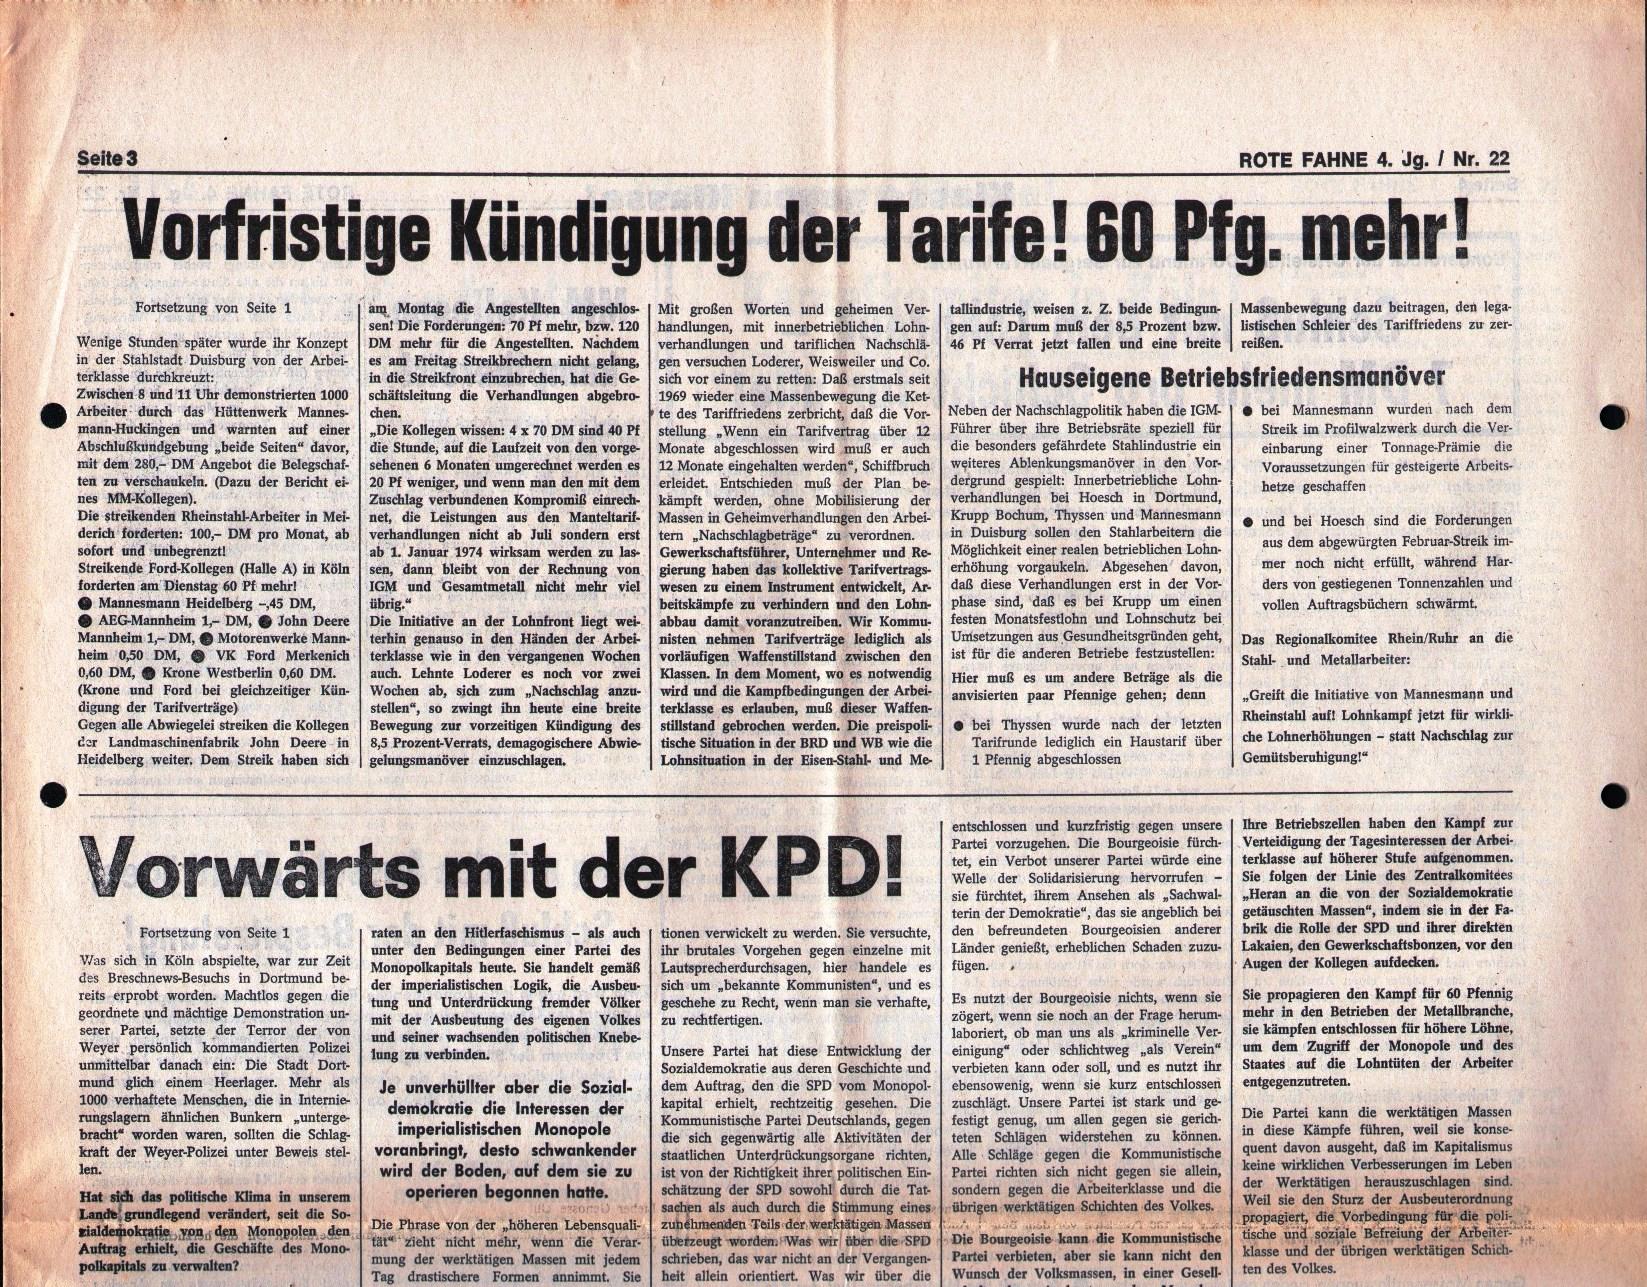 KPD_Rote_Fahne_1973_22_05